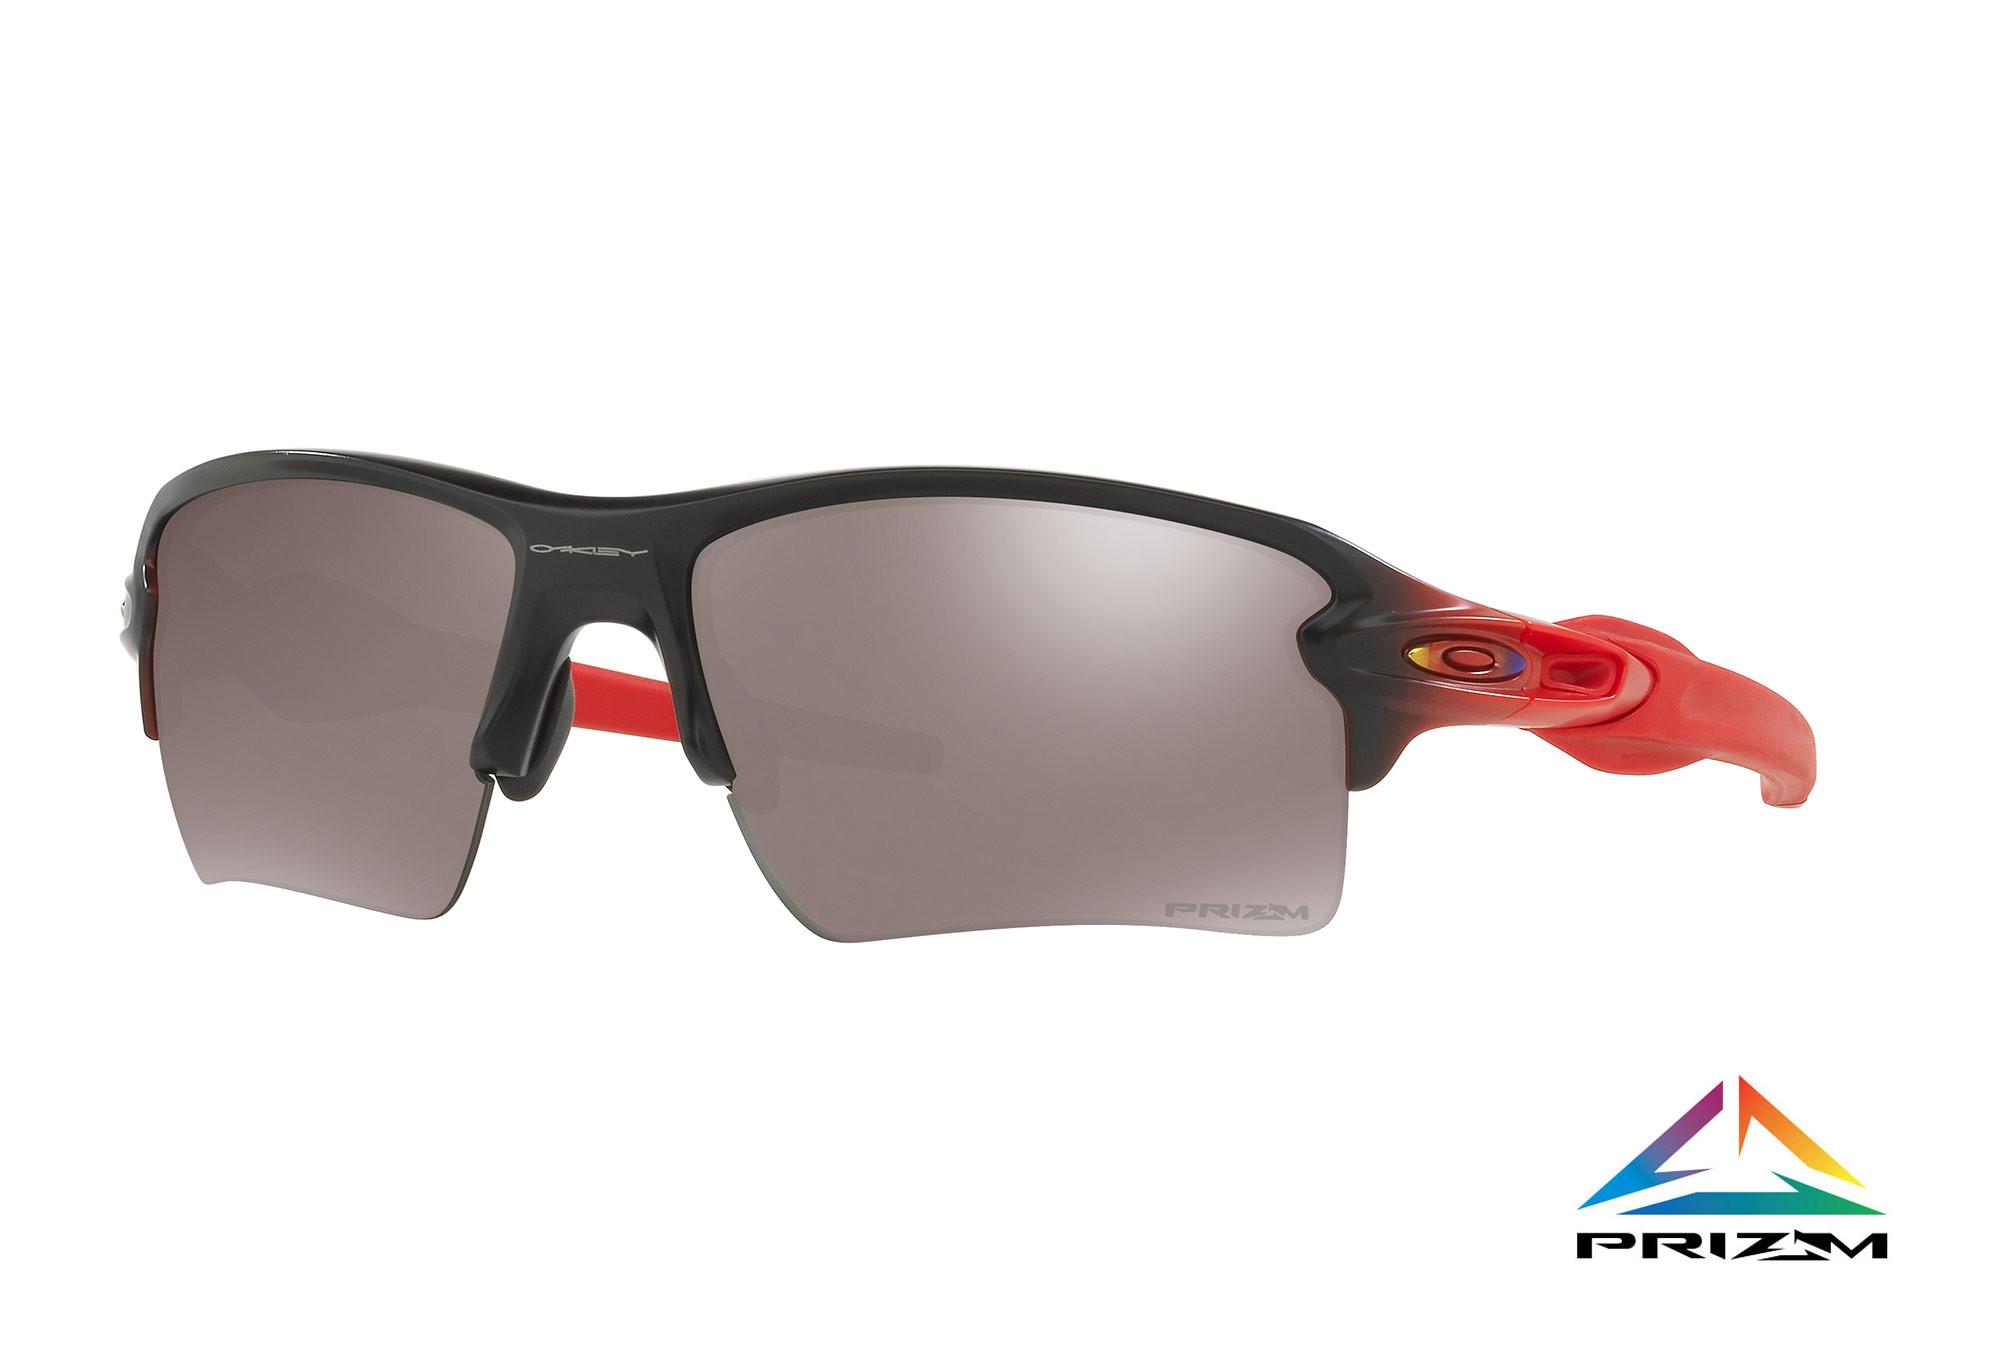 435b5e61887d3 Gafas de sol OAKLEY 2017 FLAK 2.0 XL Ruby Fade   Prizm Black ...